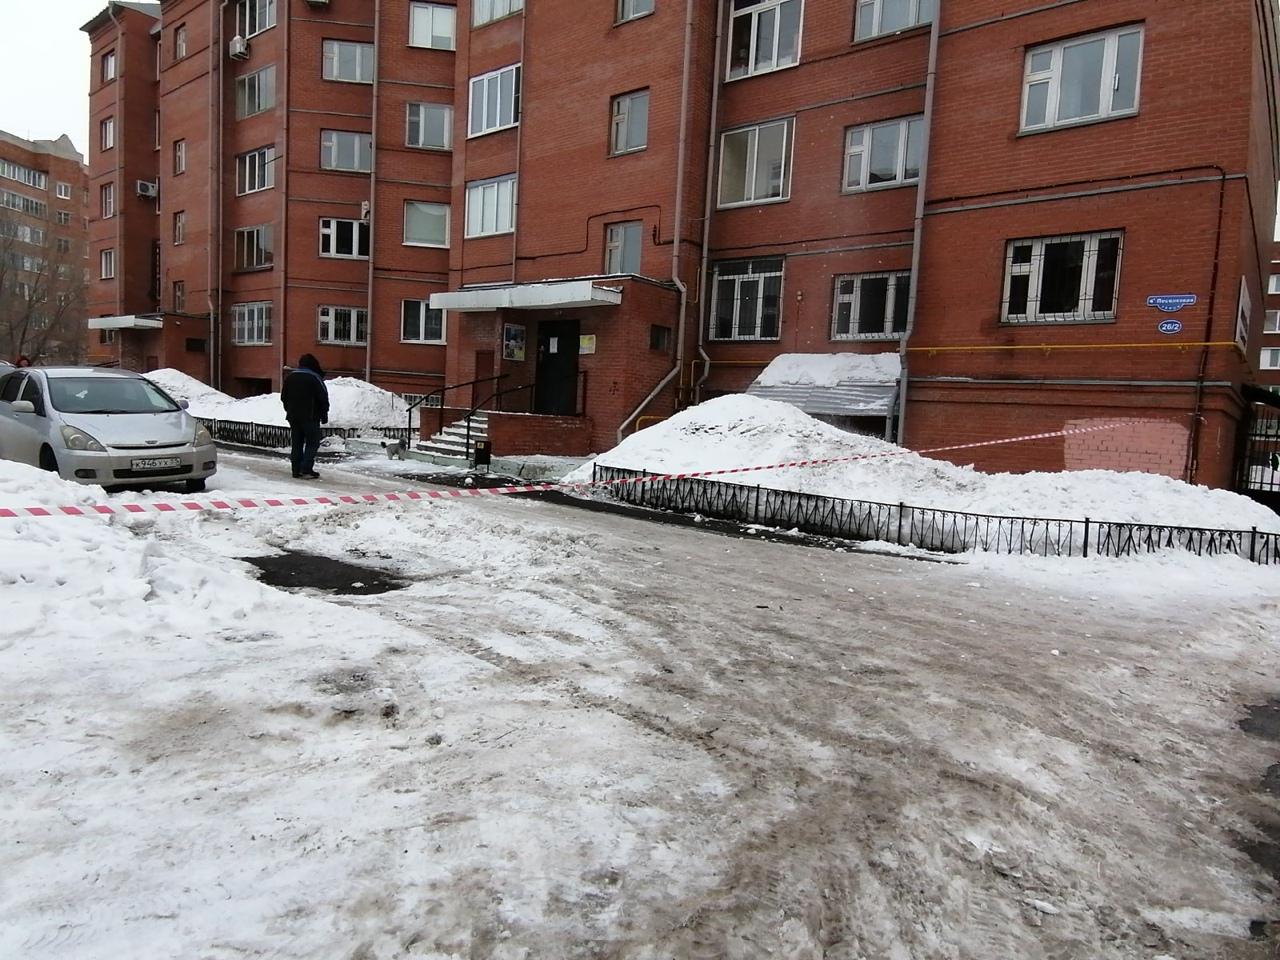 Омского школьника, на которого якобы упала наледь, на самом деле избили приятели #Новости #Общество #Омск